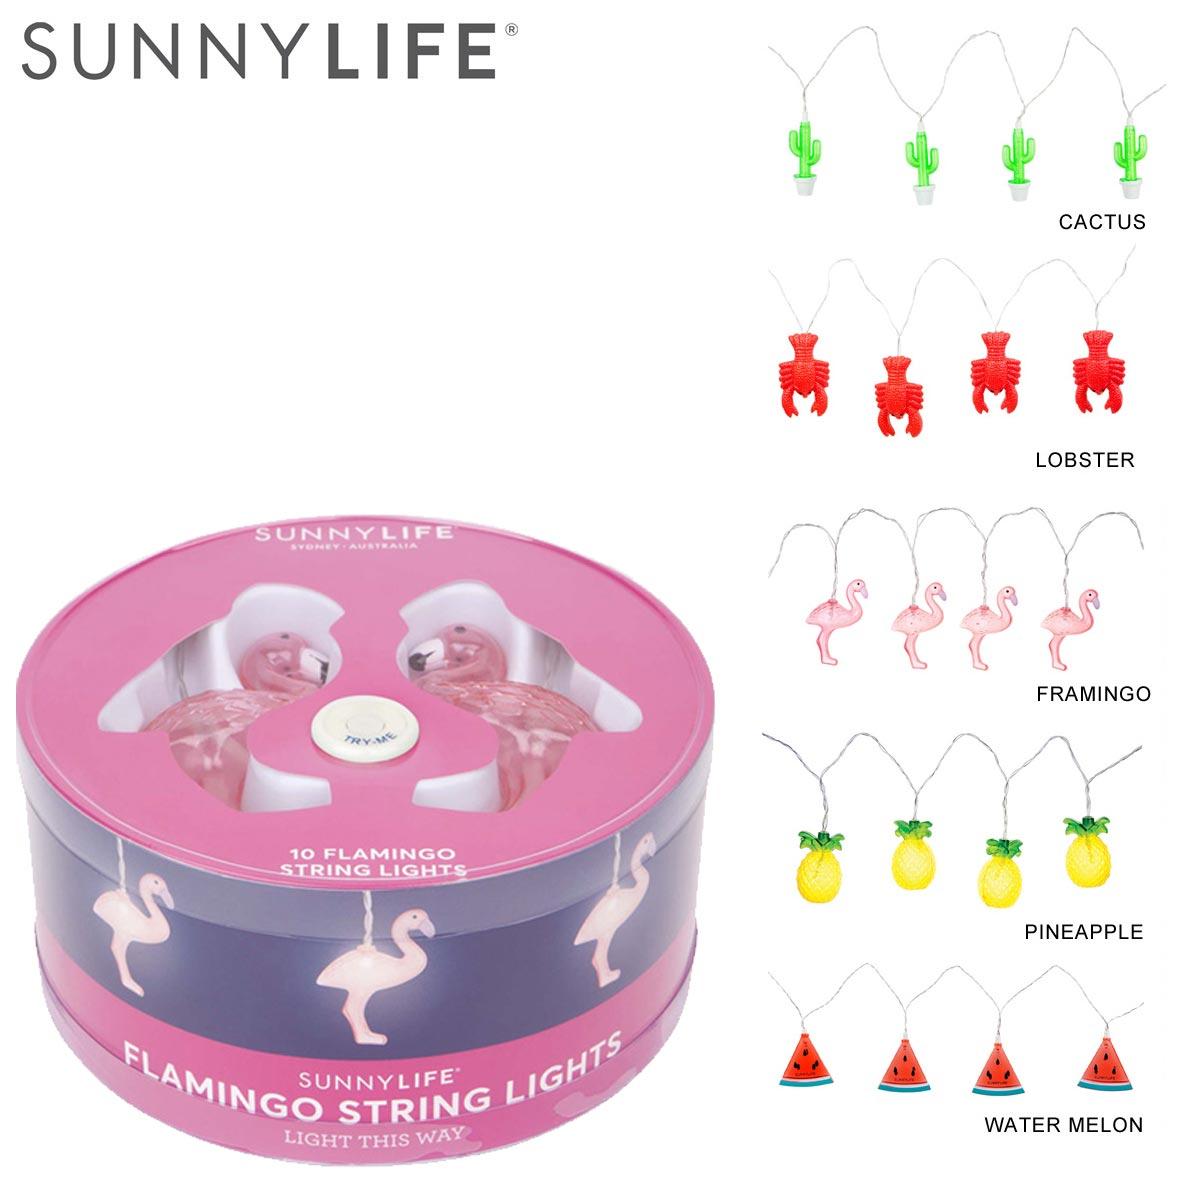 sunnylife sunny life light illuminations string decorations lighting sunny life string lights 5 color 73 shinnyu load